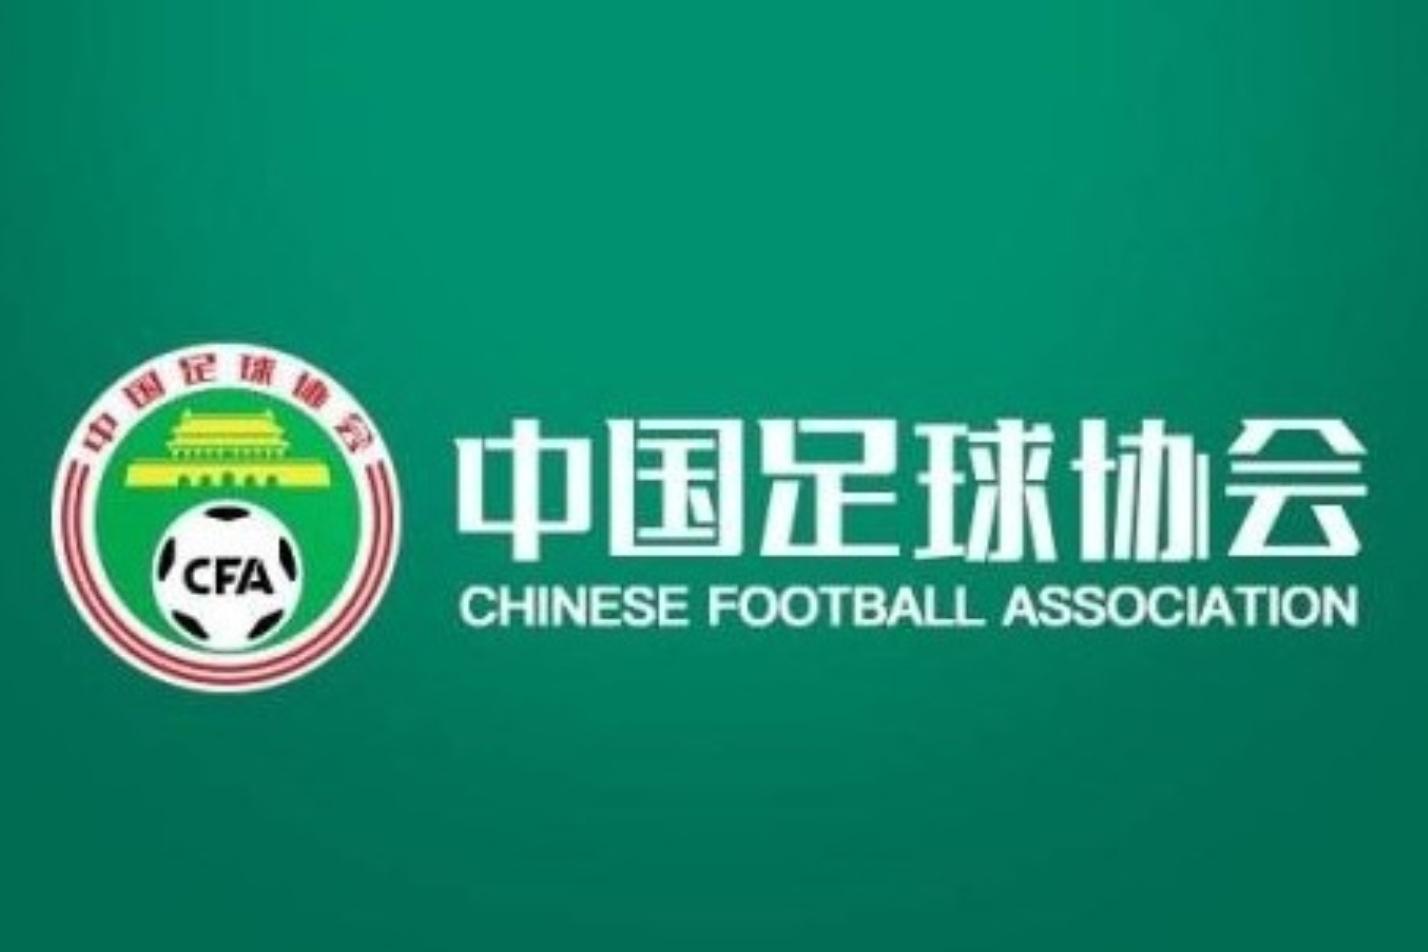 官方:足协选聘U16国足主帅,目标为参加U17亚洲杯和2023年世界杯-今球app官网